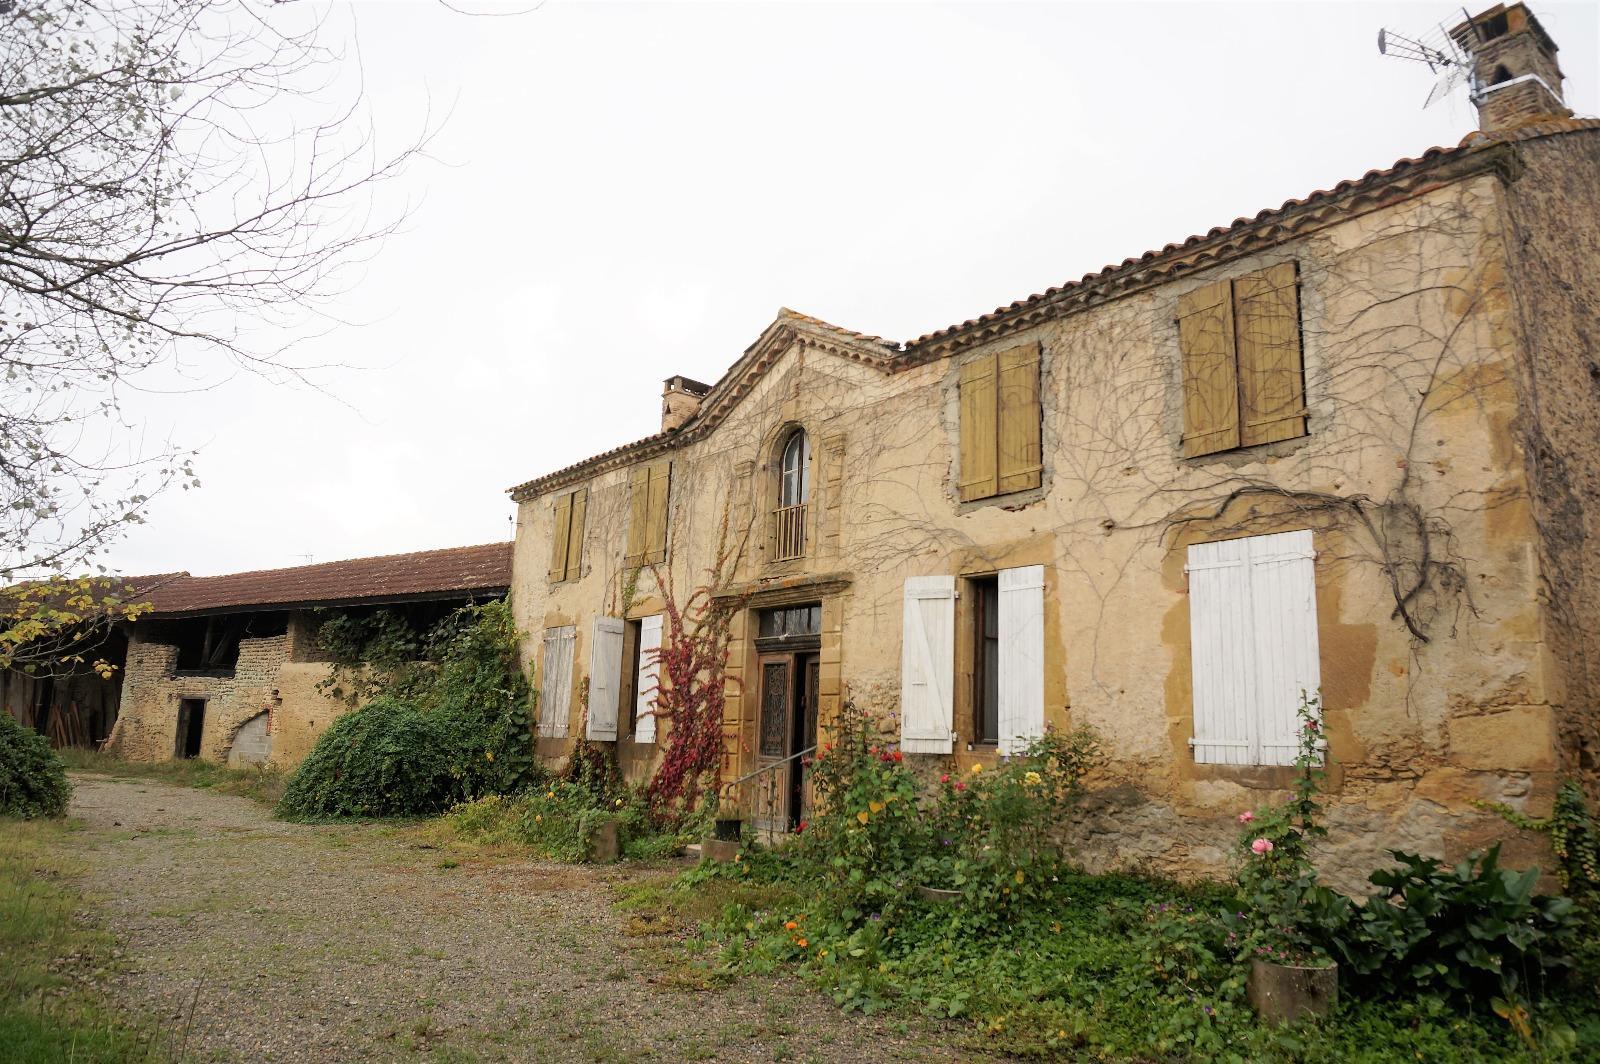 Vente maison/villa 10 pièces plaisance 32160